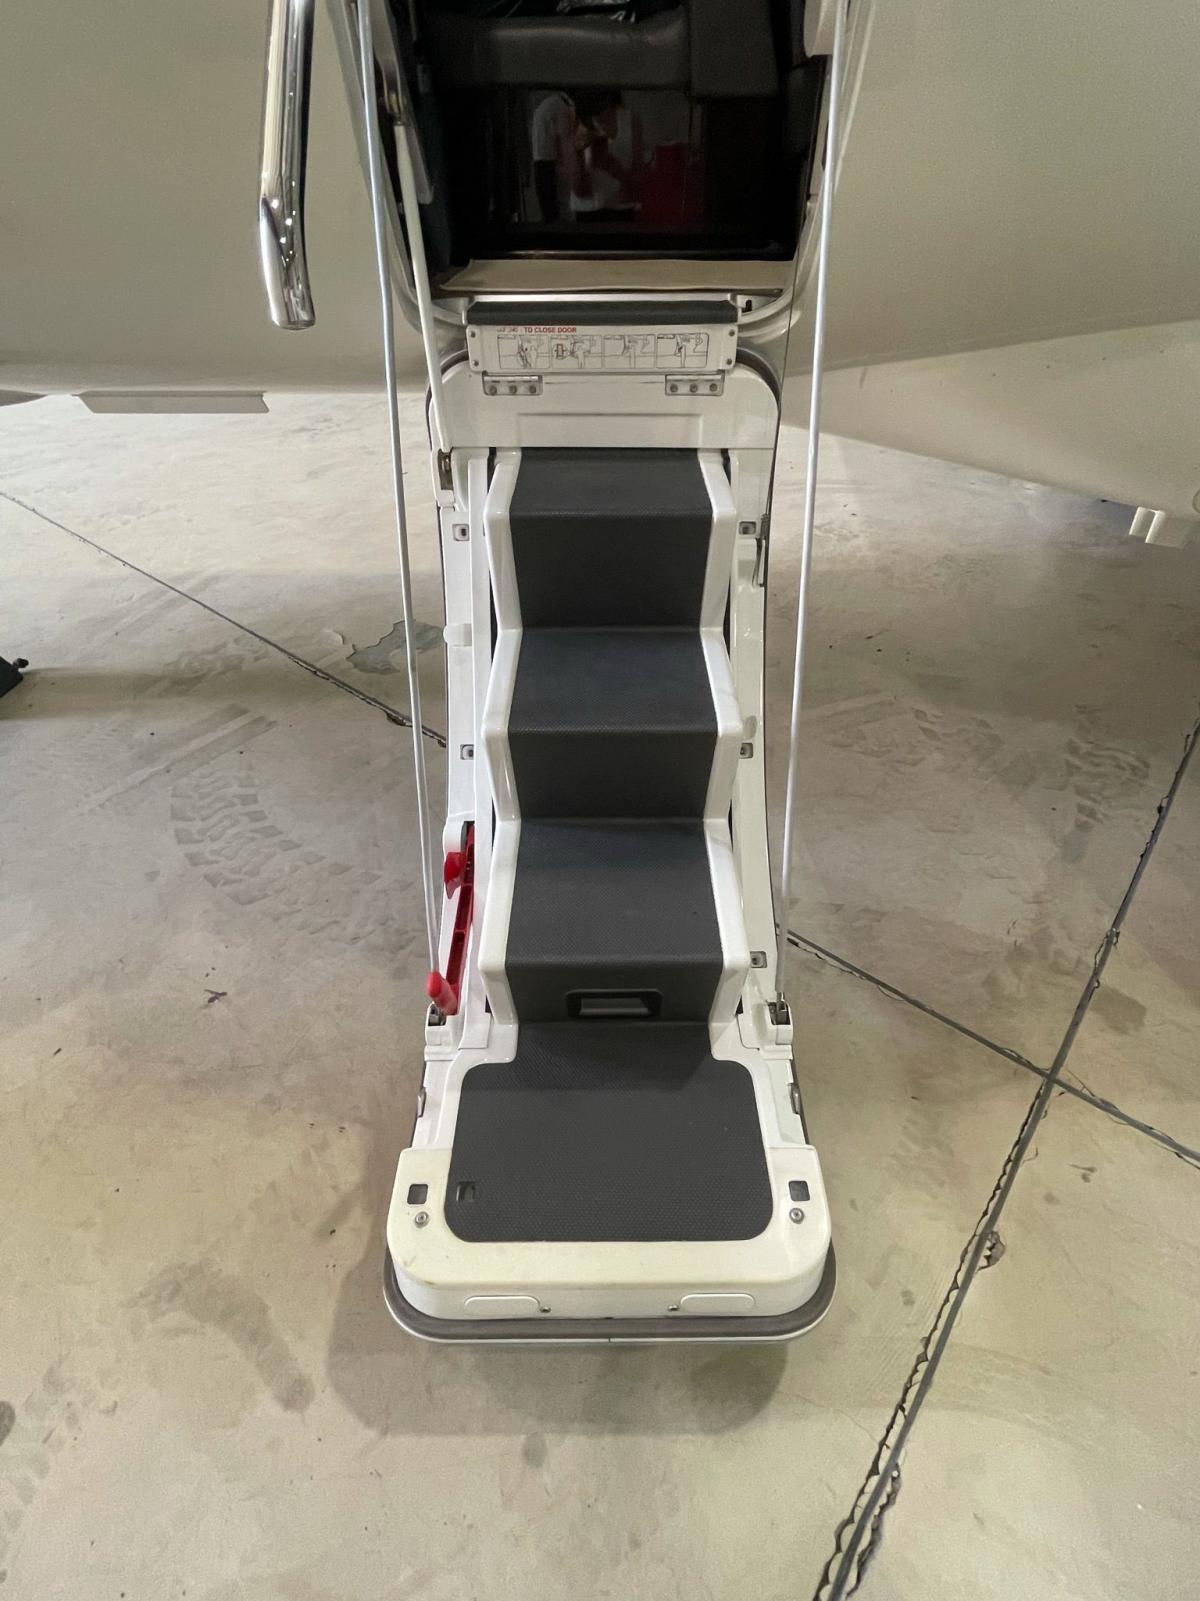 2016 Embraer Phenom 100E Photo 3